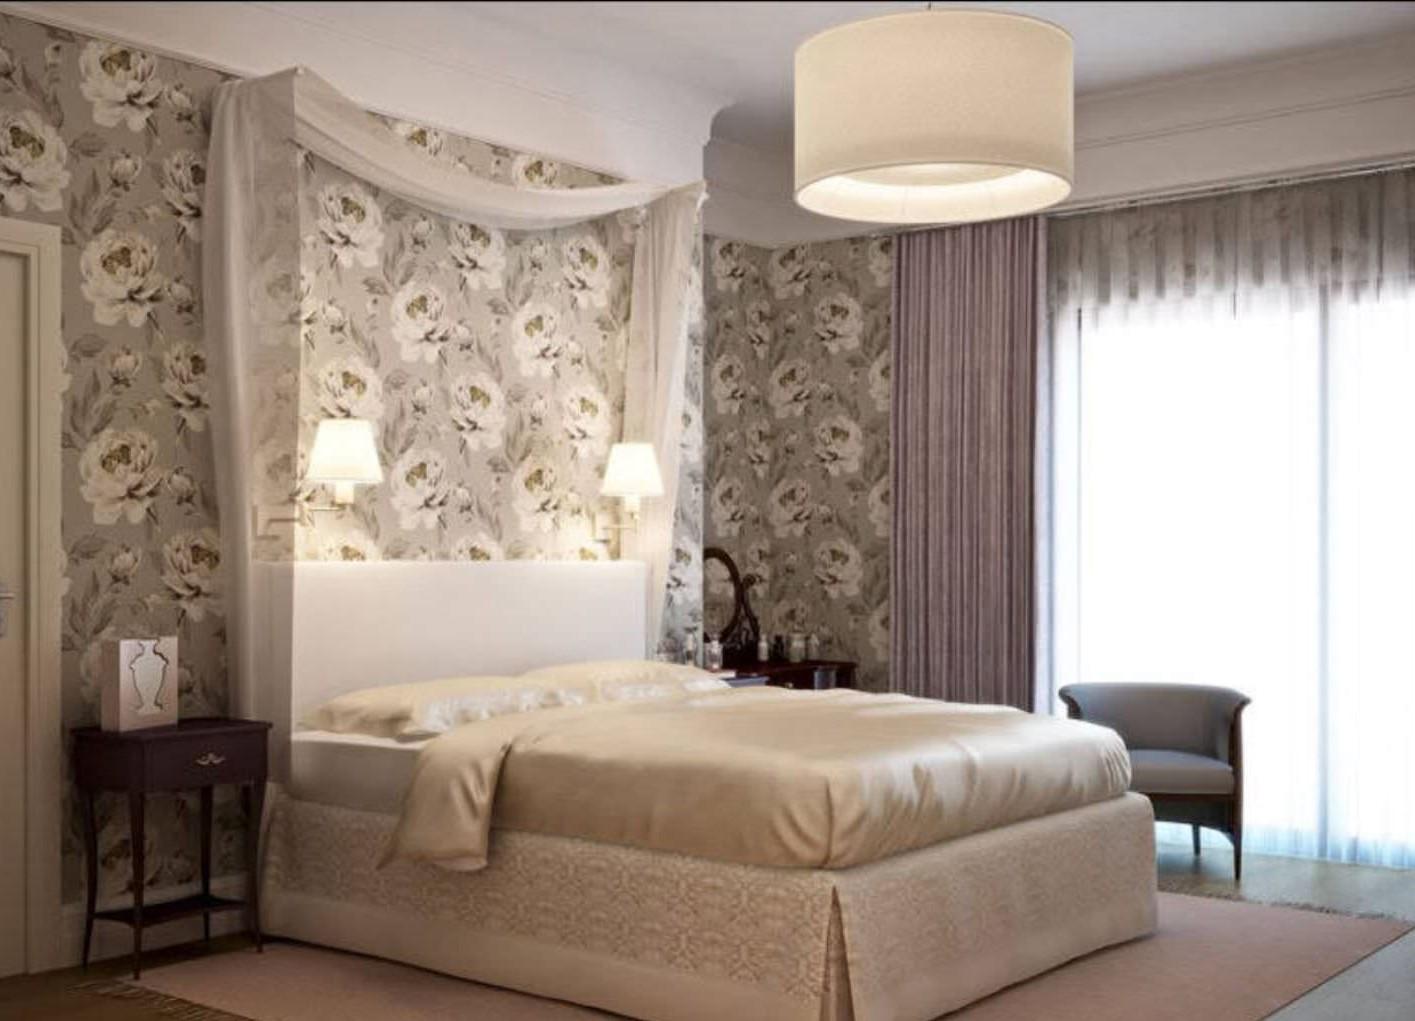 Обои для спален (156 фото): дизайн интерьеров, модные и современные идеи 2020, какие обои лучше подходят: светлые или темные